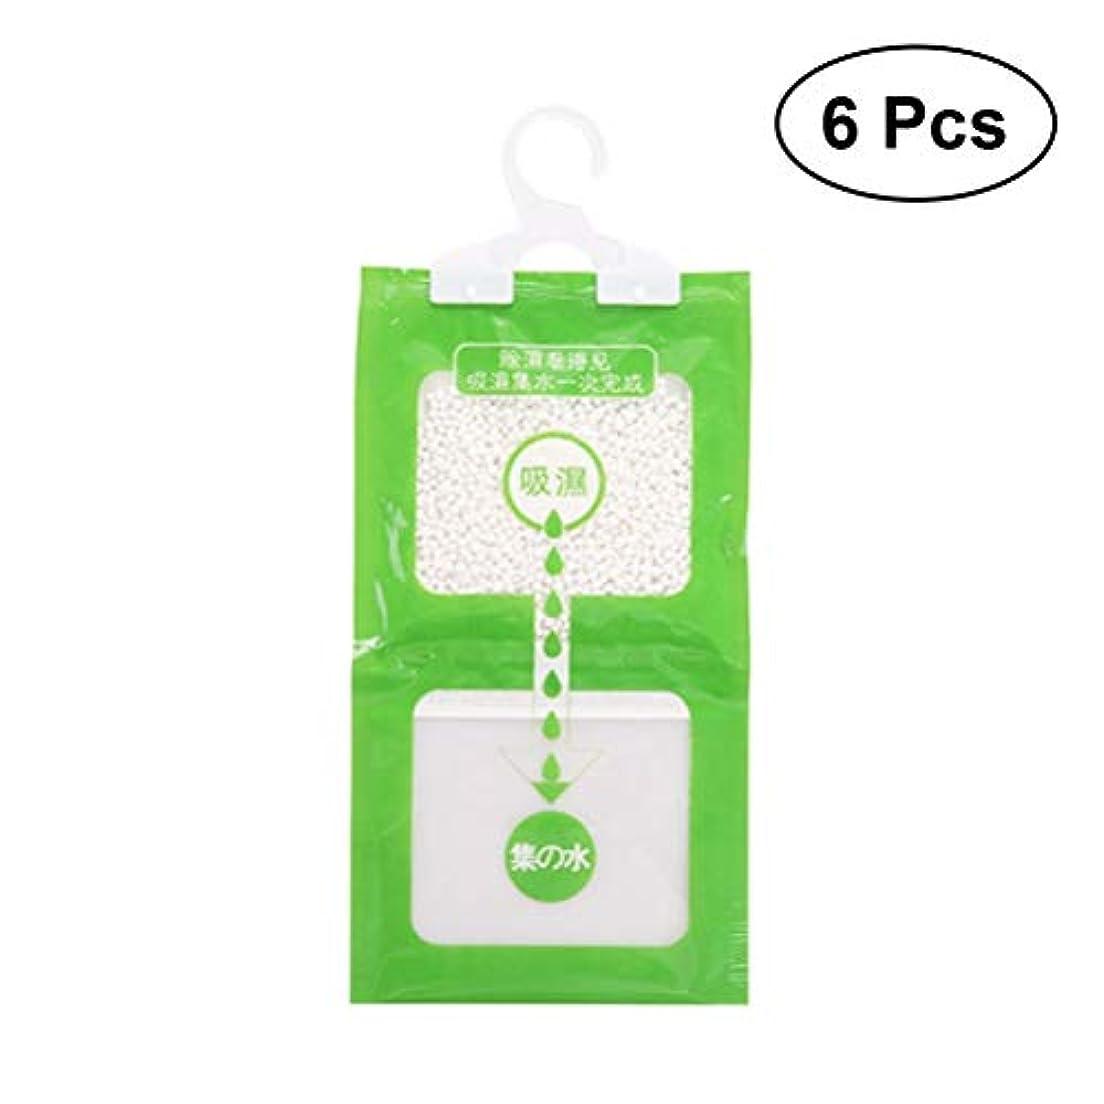 便利さ王室策定するHealifty ハンギングモイスチャーアブソーババッグワードローブ除湿器吸湿性アンチモールドデシカントグリーン6個